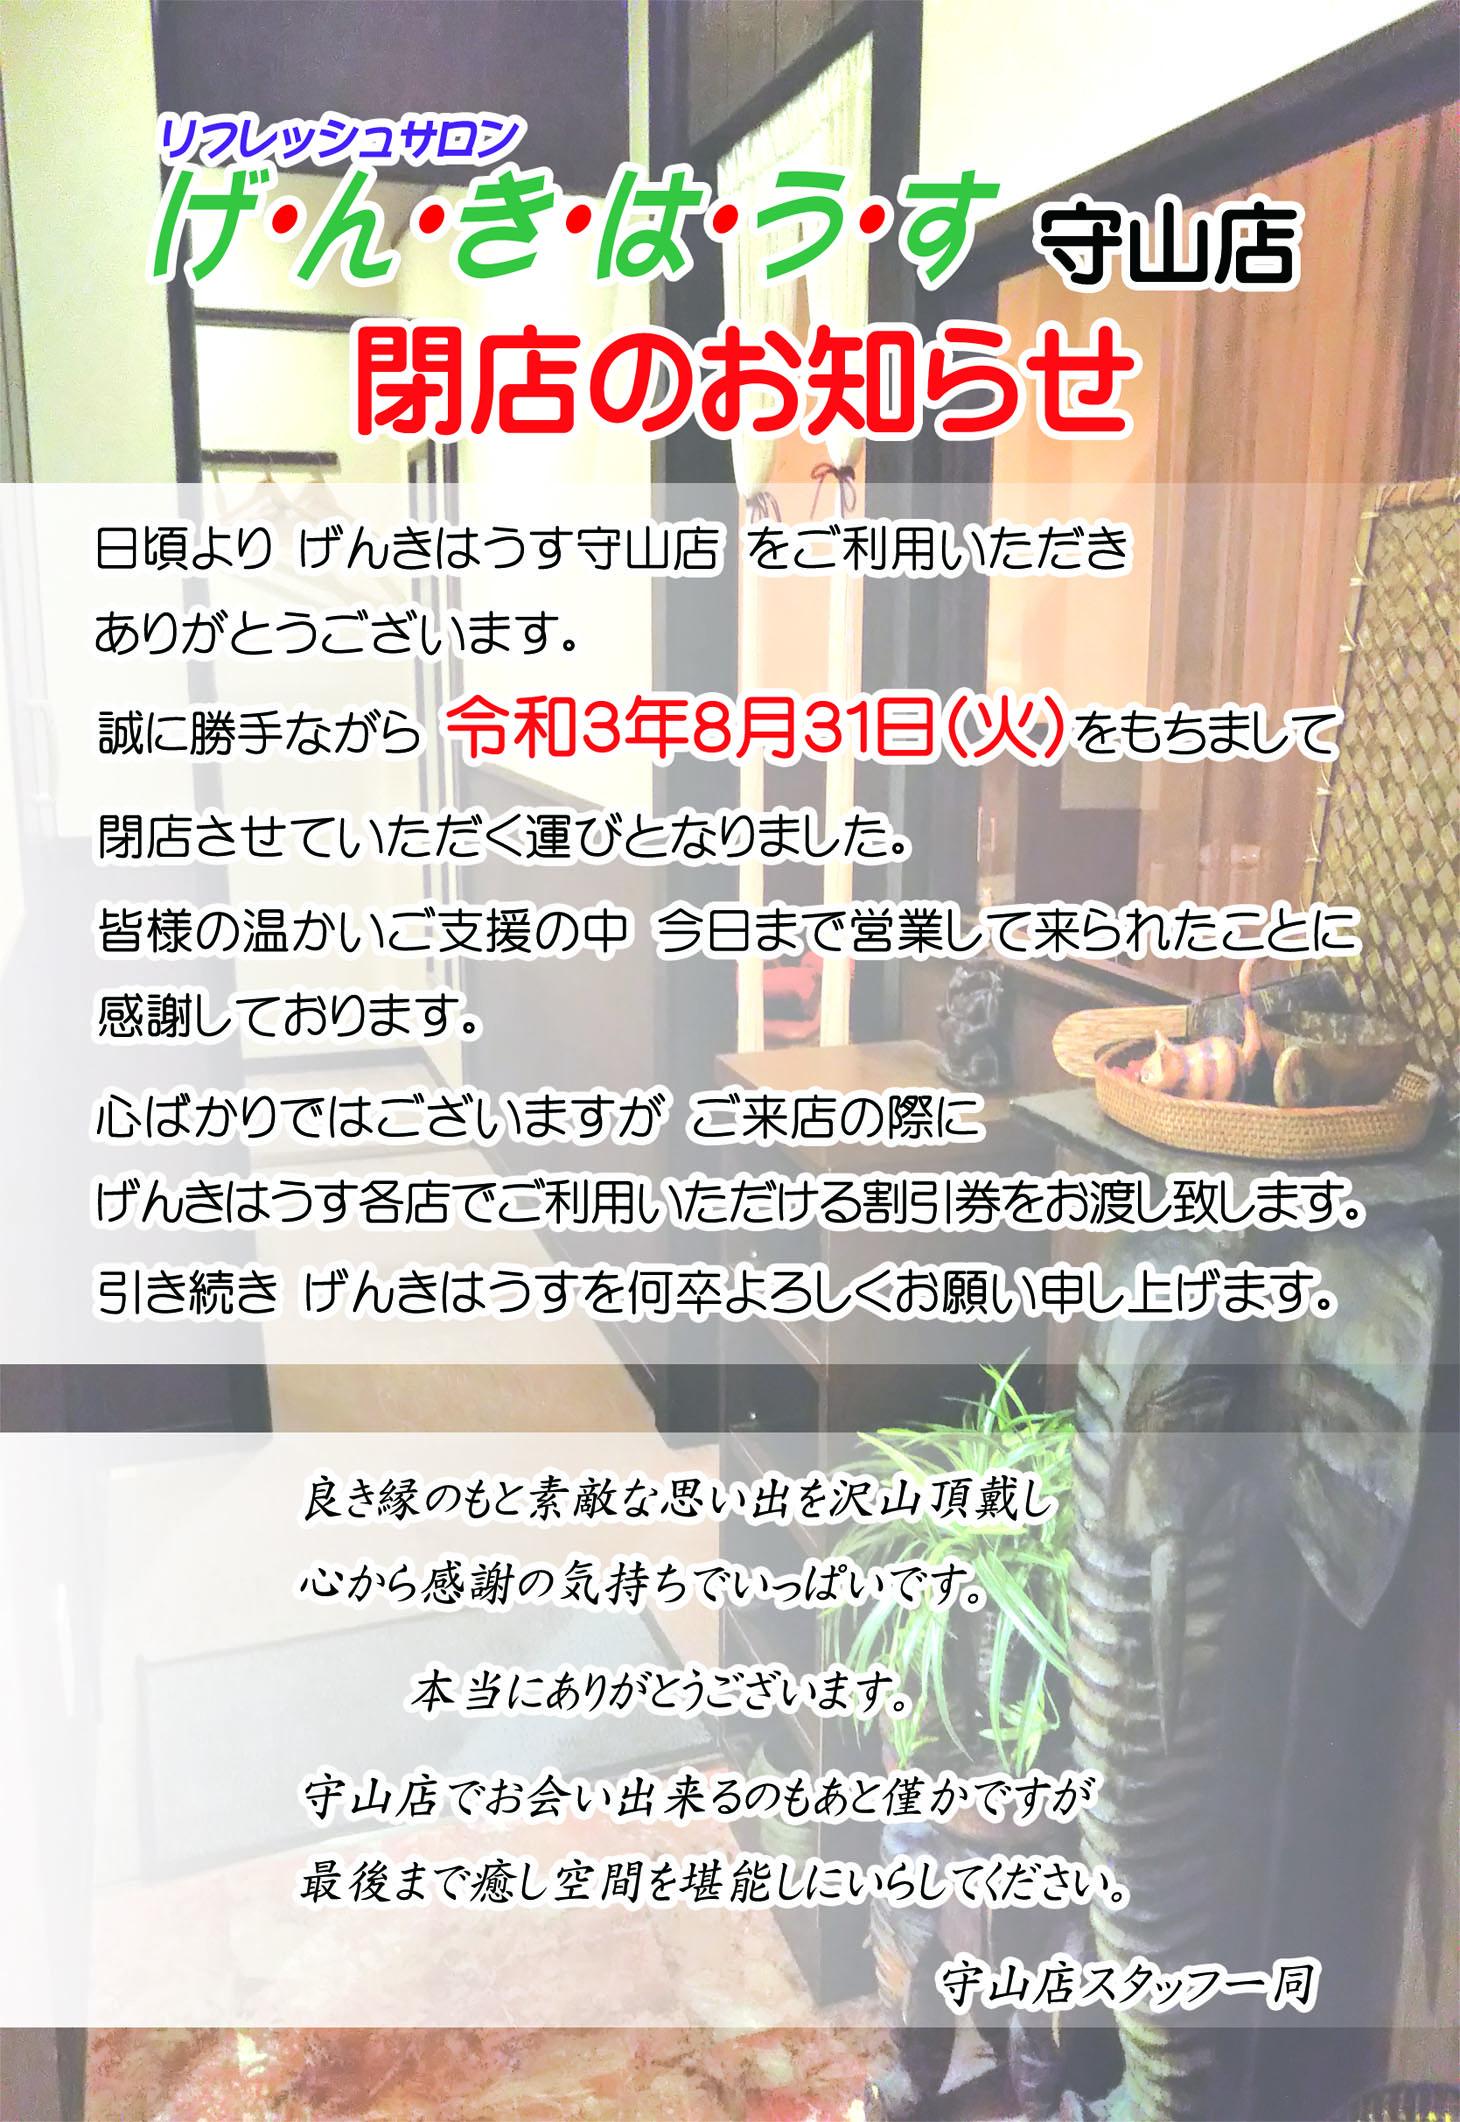 守山店 閉店のお知らせ